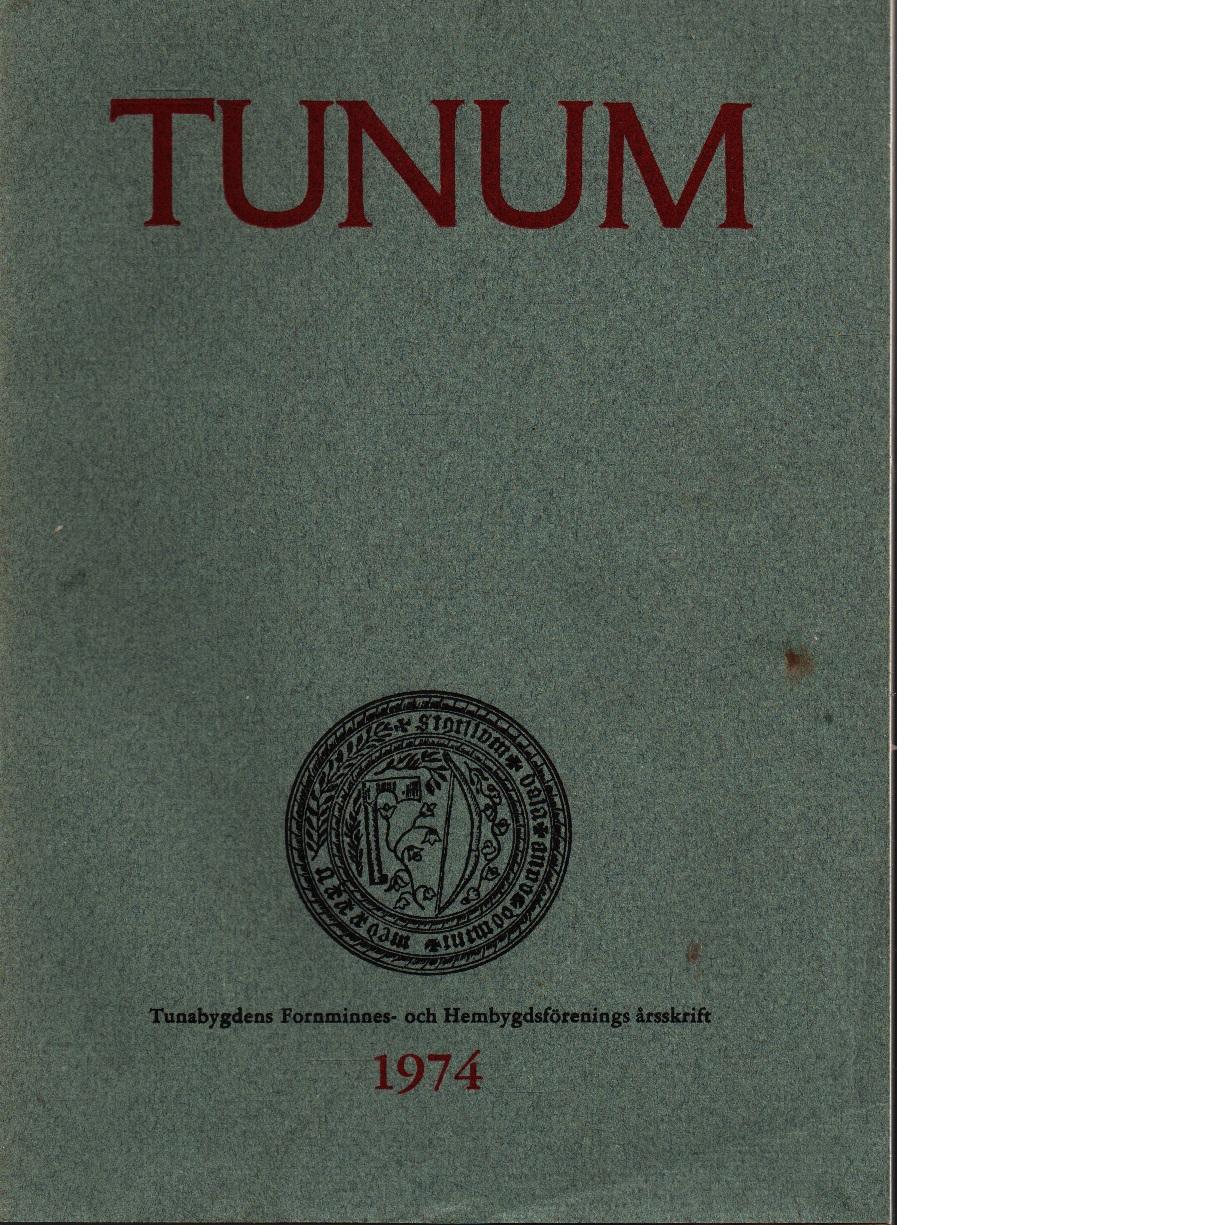 Tunum : Tunabygdens hembygdsförenings årsskrift 1974 - Red.